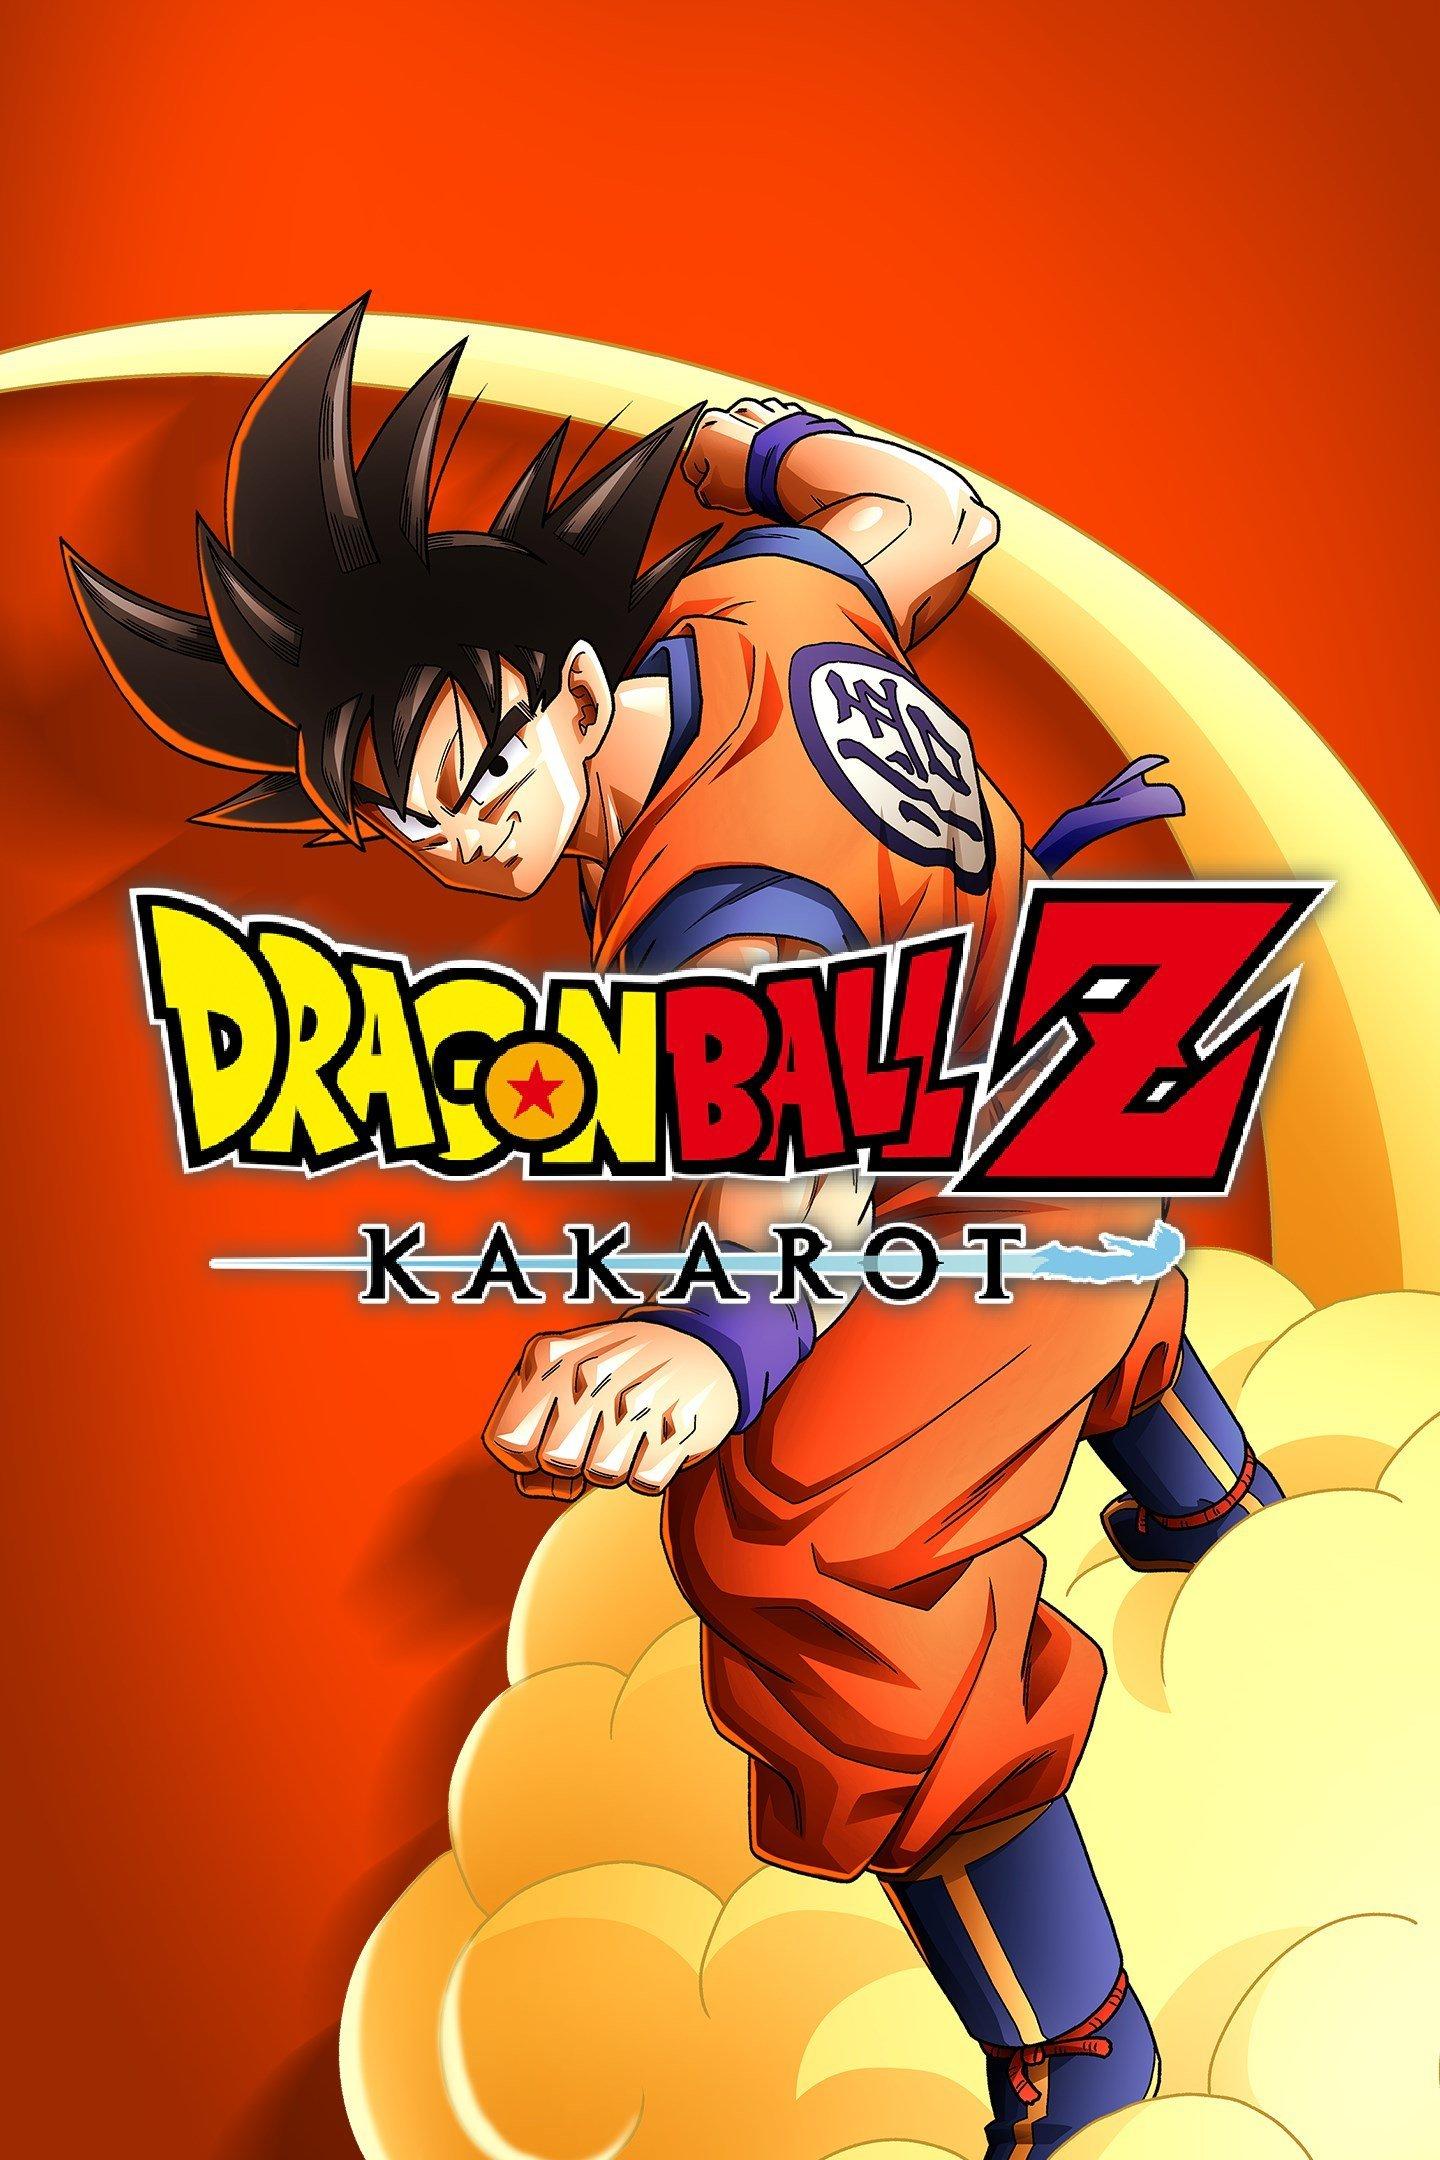 Dragon Ball Z: Kakarot [v 1.10 + DLCs] (2020) скачать торрент RePack